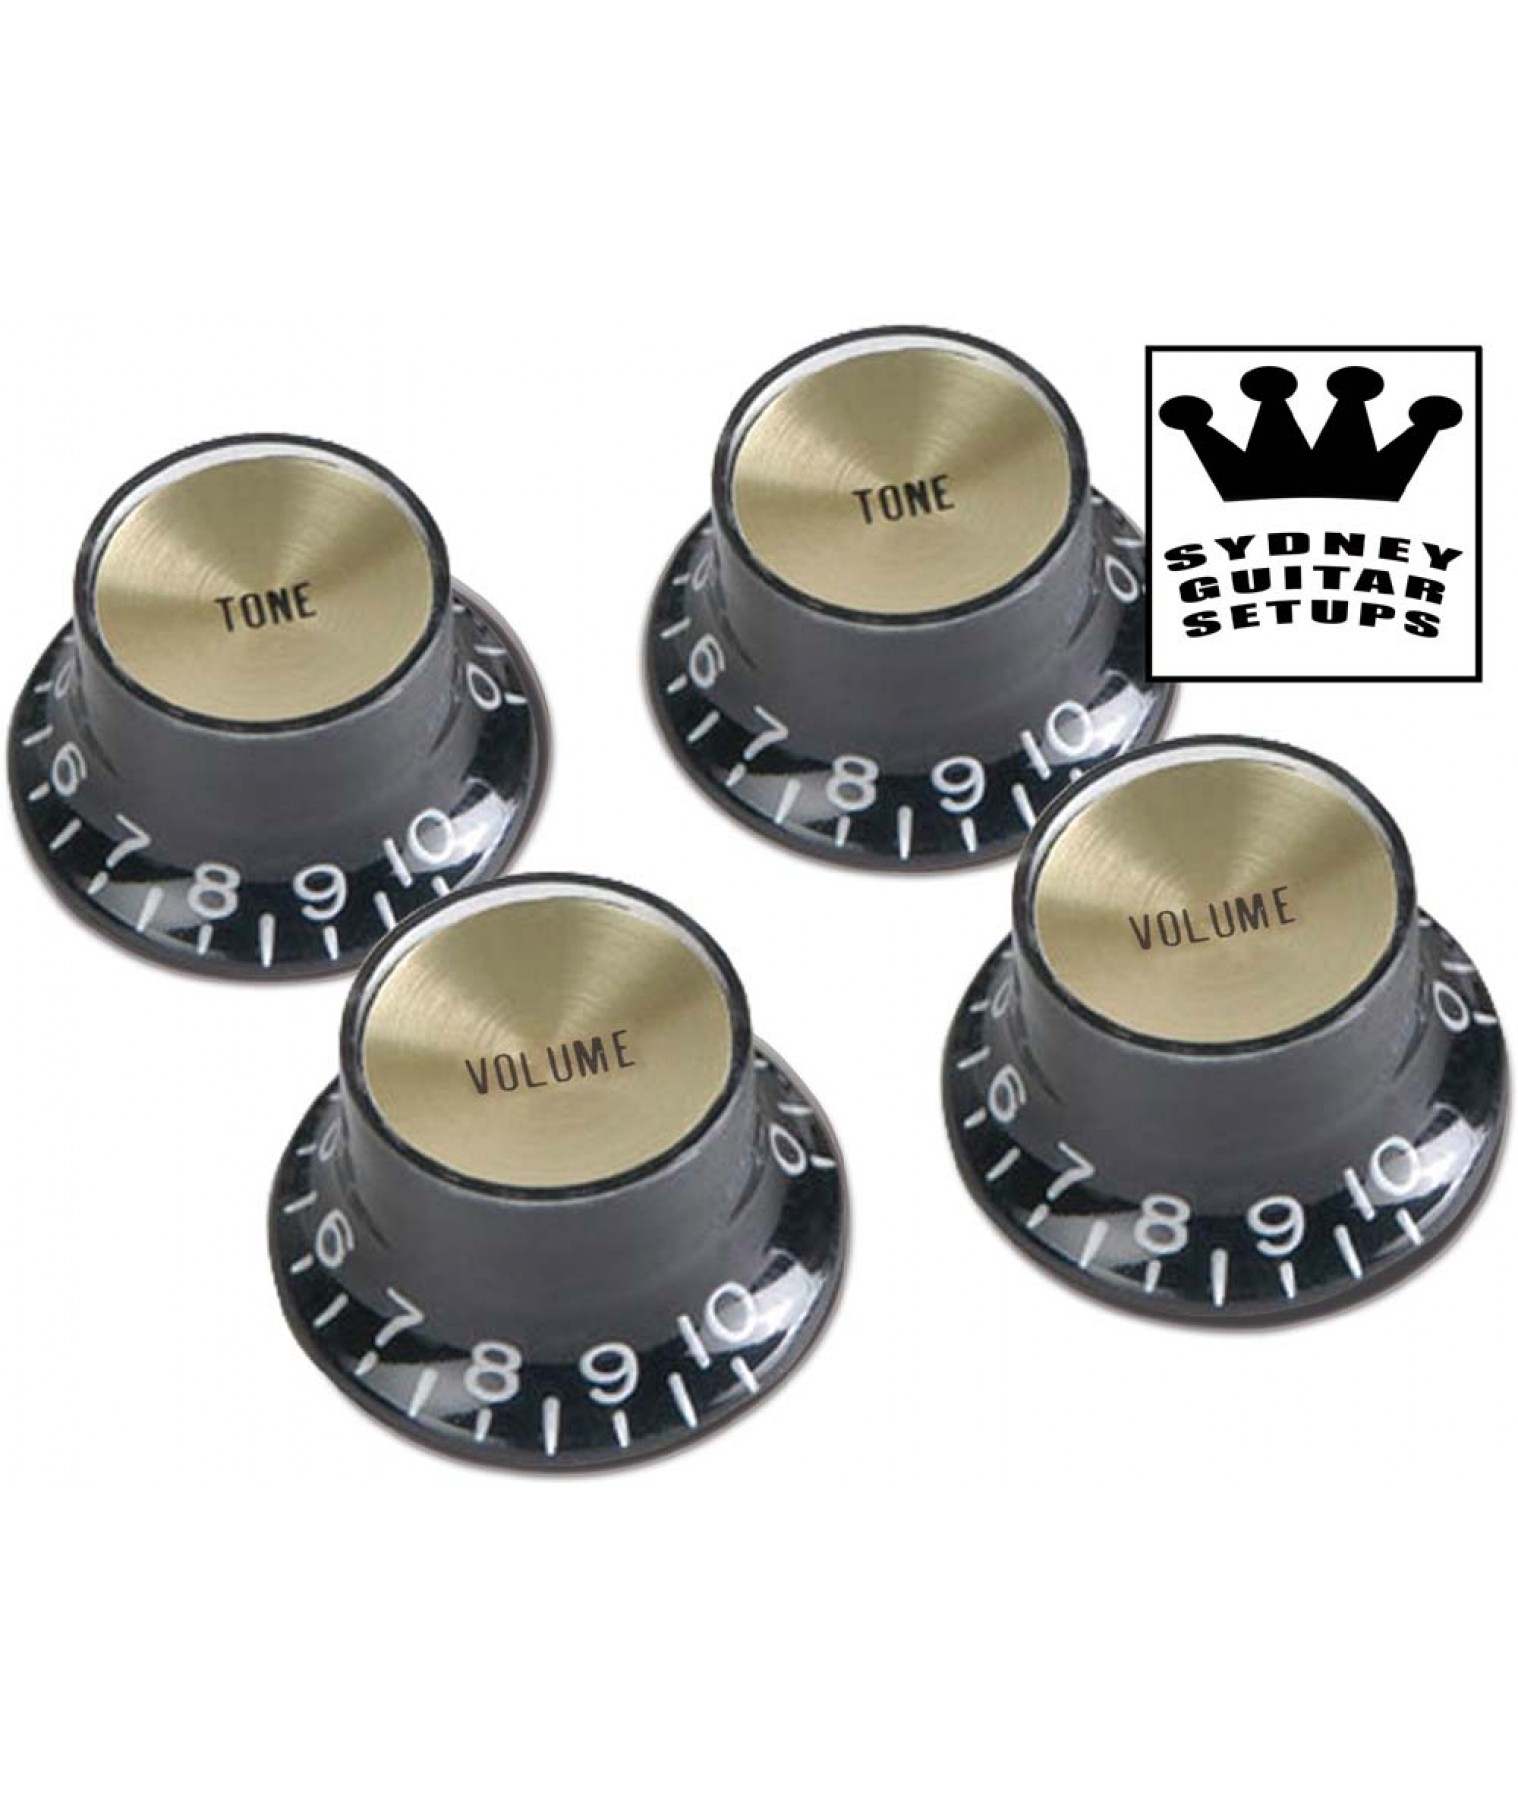 gibson top hat black w gold metal insert prmk 020. Black Bedroom Furniture Sets. Home Design Ideas